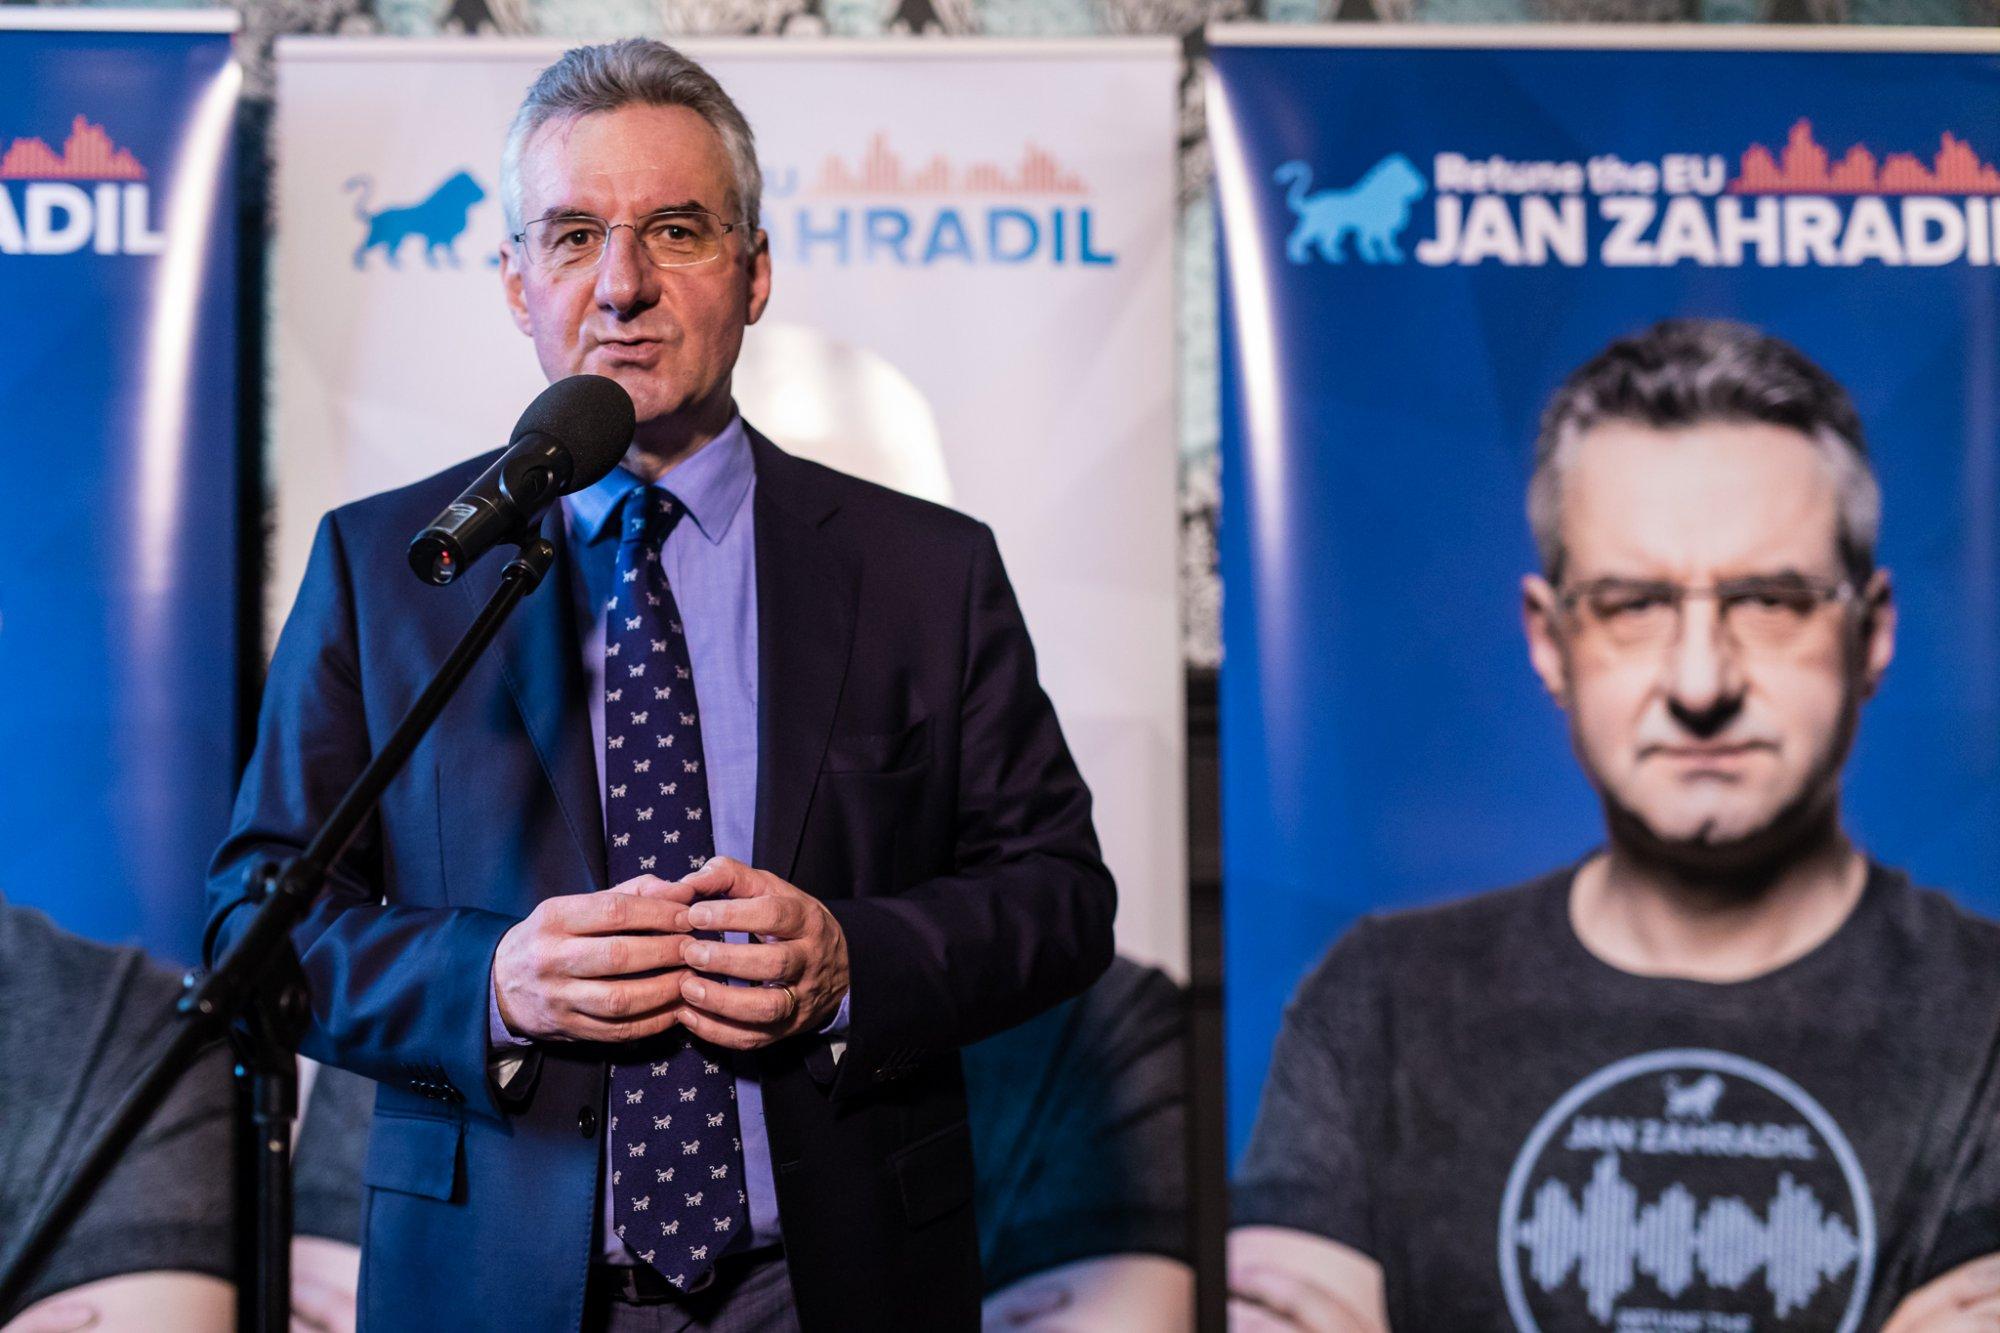 Jan Zahradil odstartoval kampaň na předsedu Evropské komise